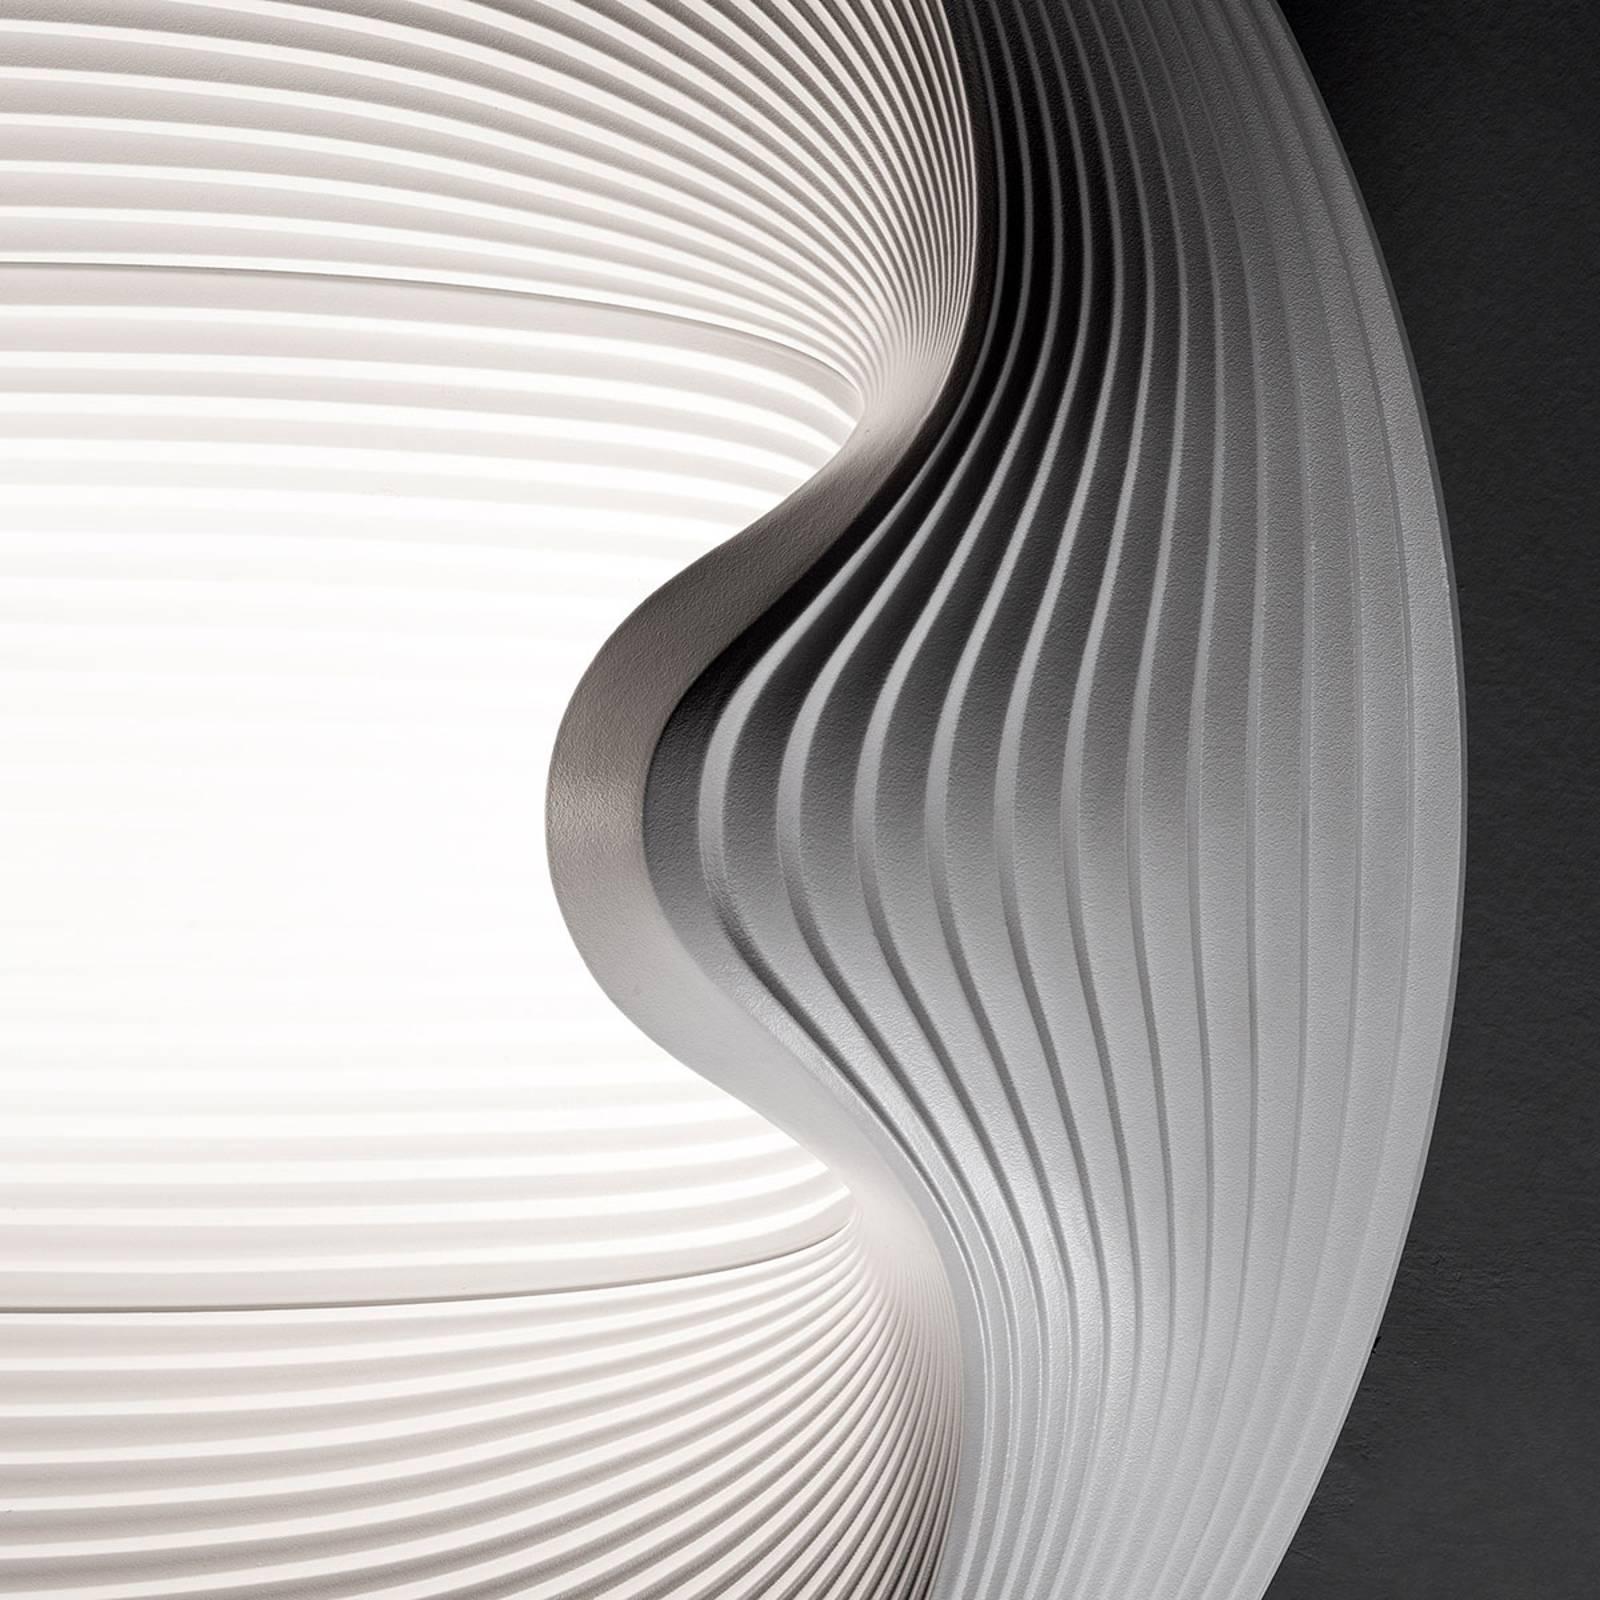 Cini&Nils Sestessa lampa sufitowa LED Casambi